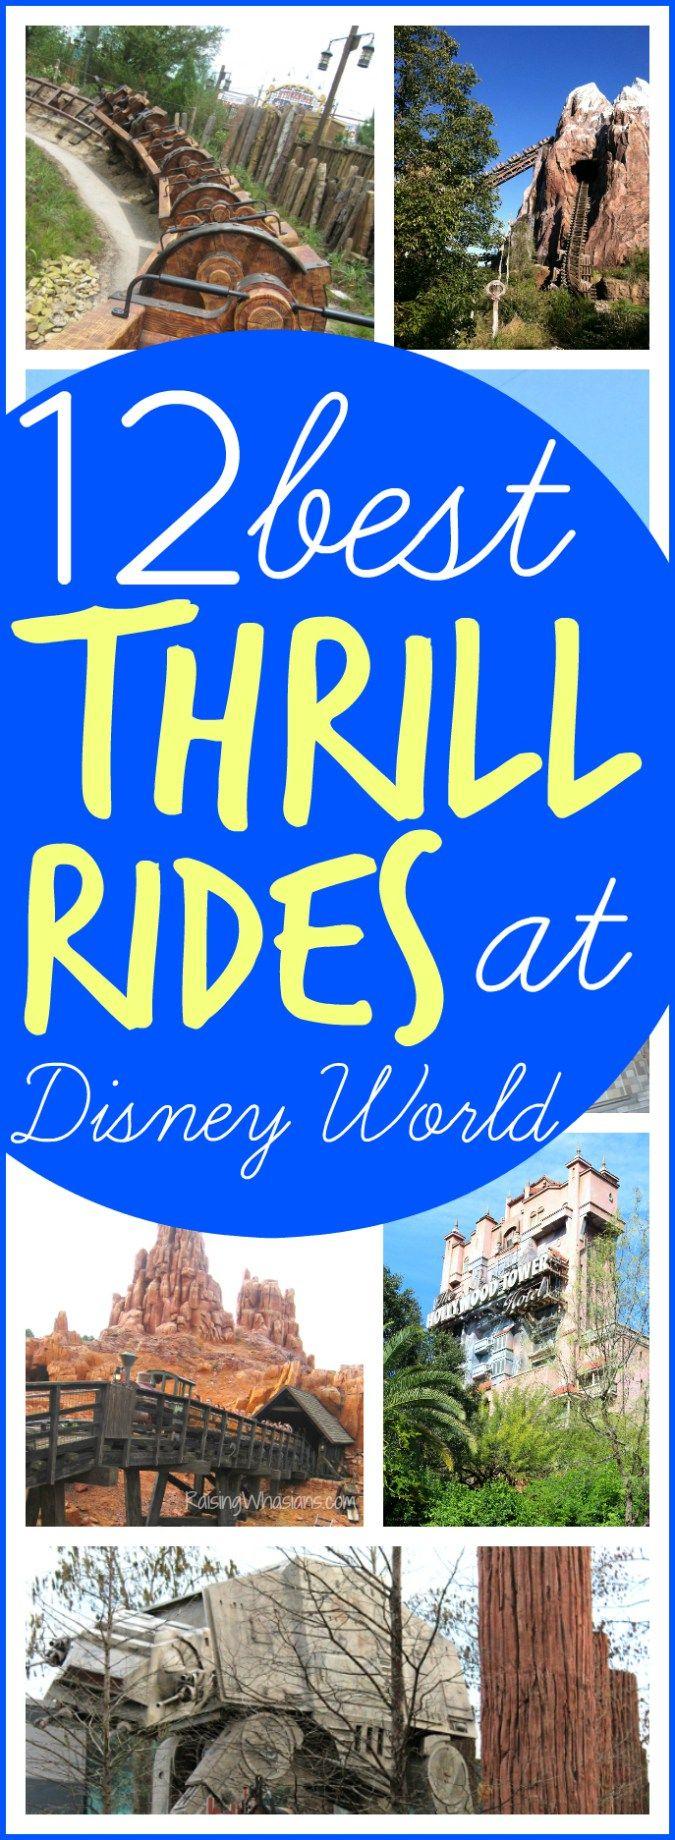 12 Best Walt Disney World Thrill Rides - Raising Whasians #ad